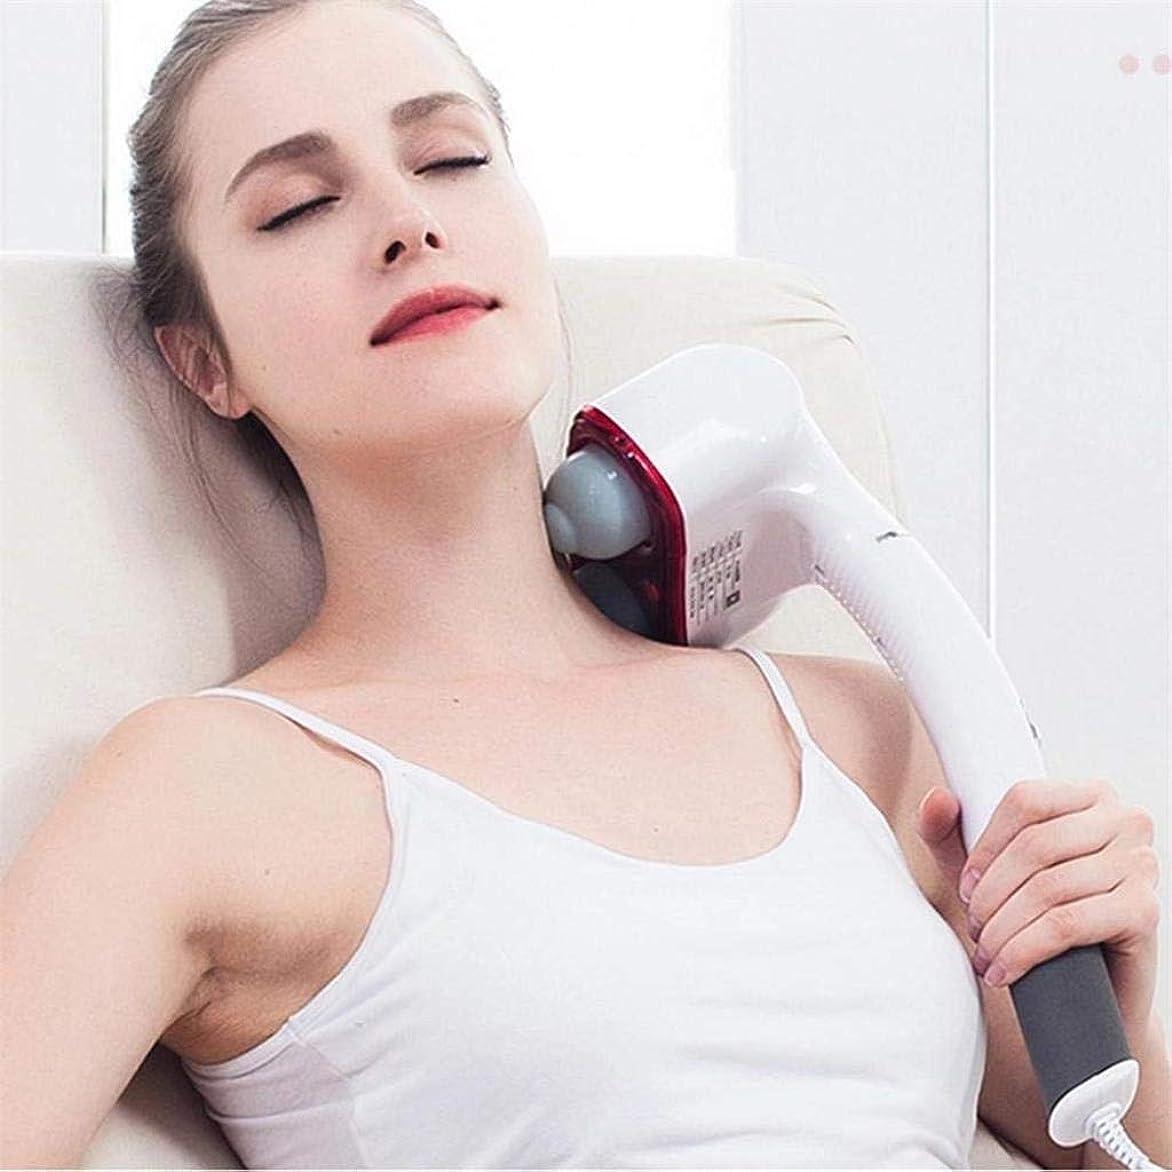 満了メトロポリタンセマフォ電気マッサージャー、ハンドヘルドバックマッサージャー、ポータブルネック振動マッサージャー、ストレス/痛みを和らげる、血液循環/睡眠を促進する